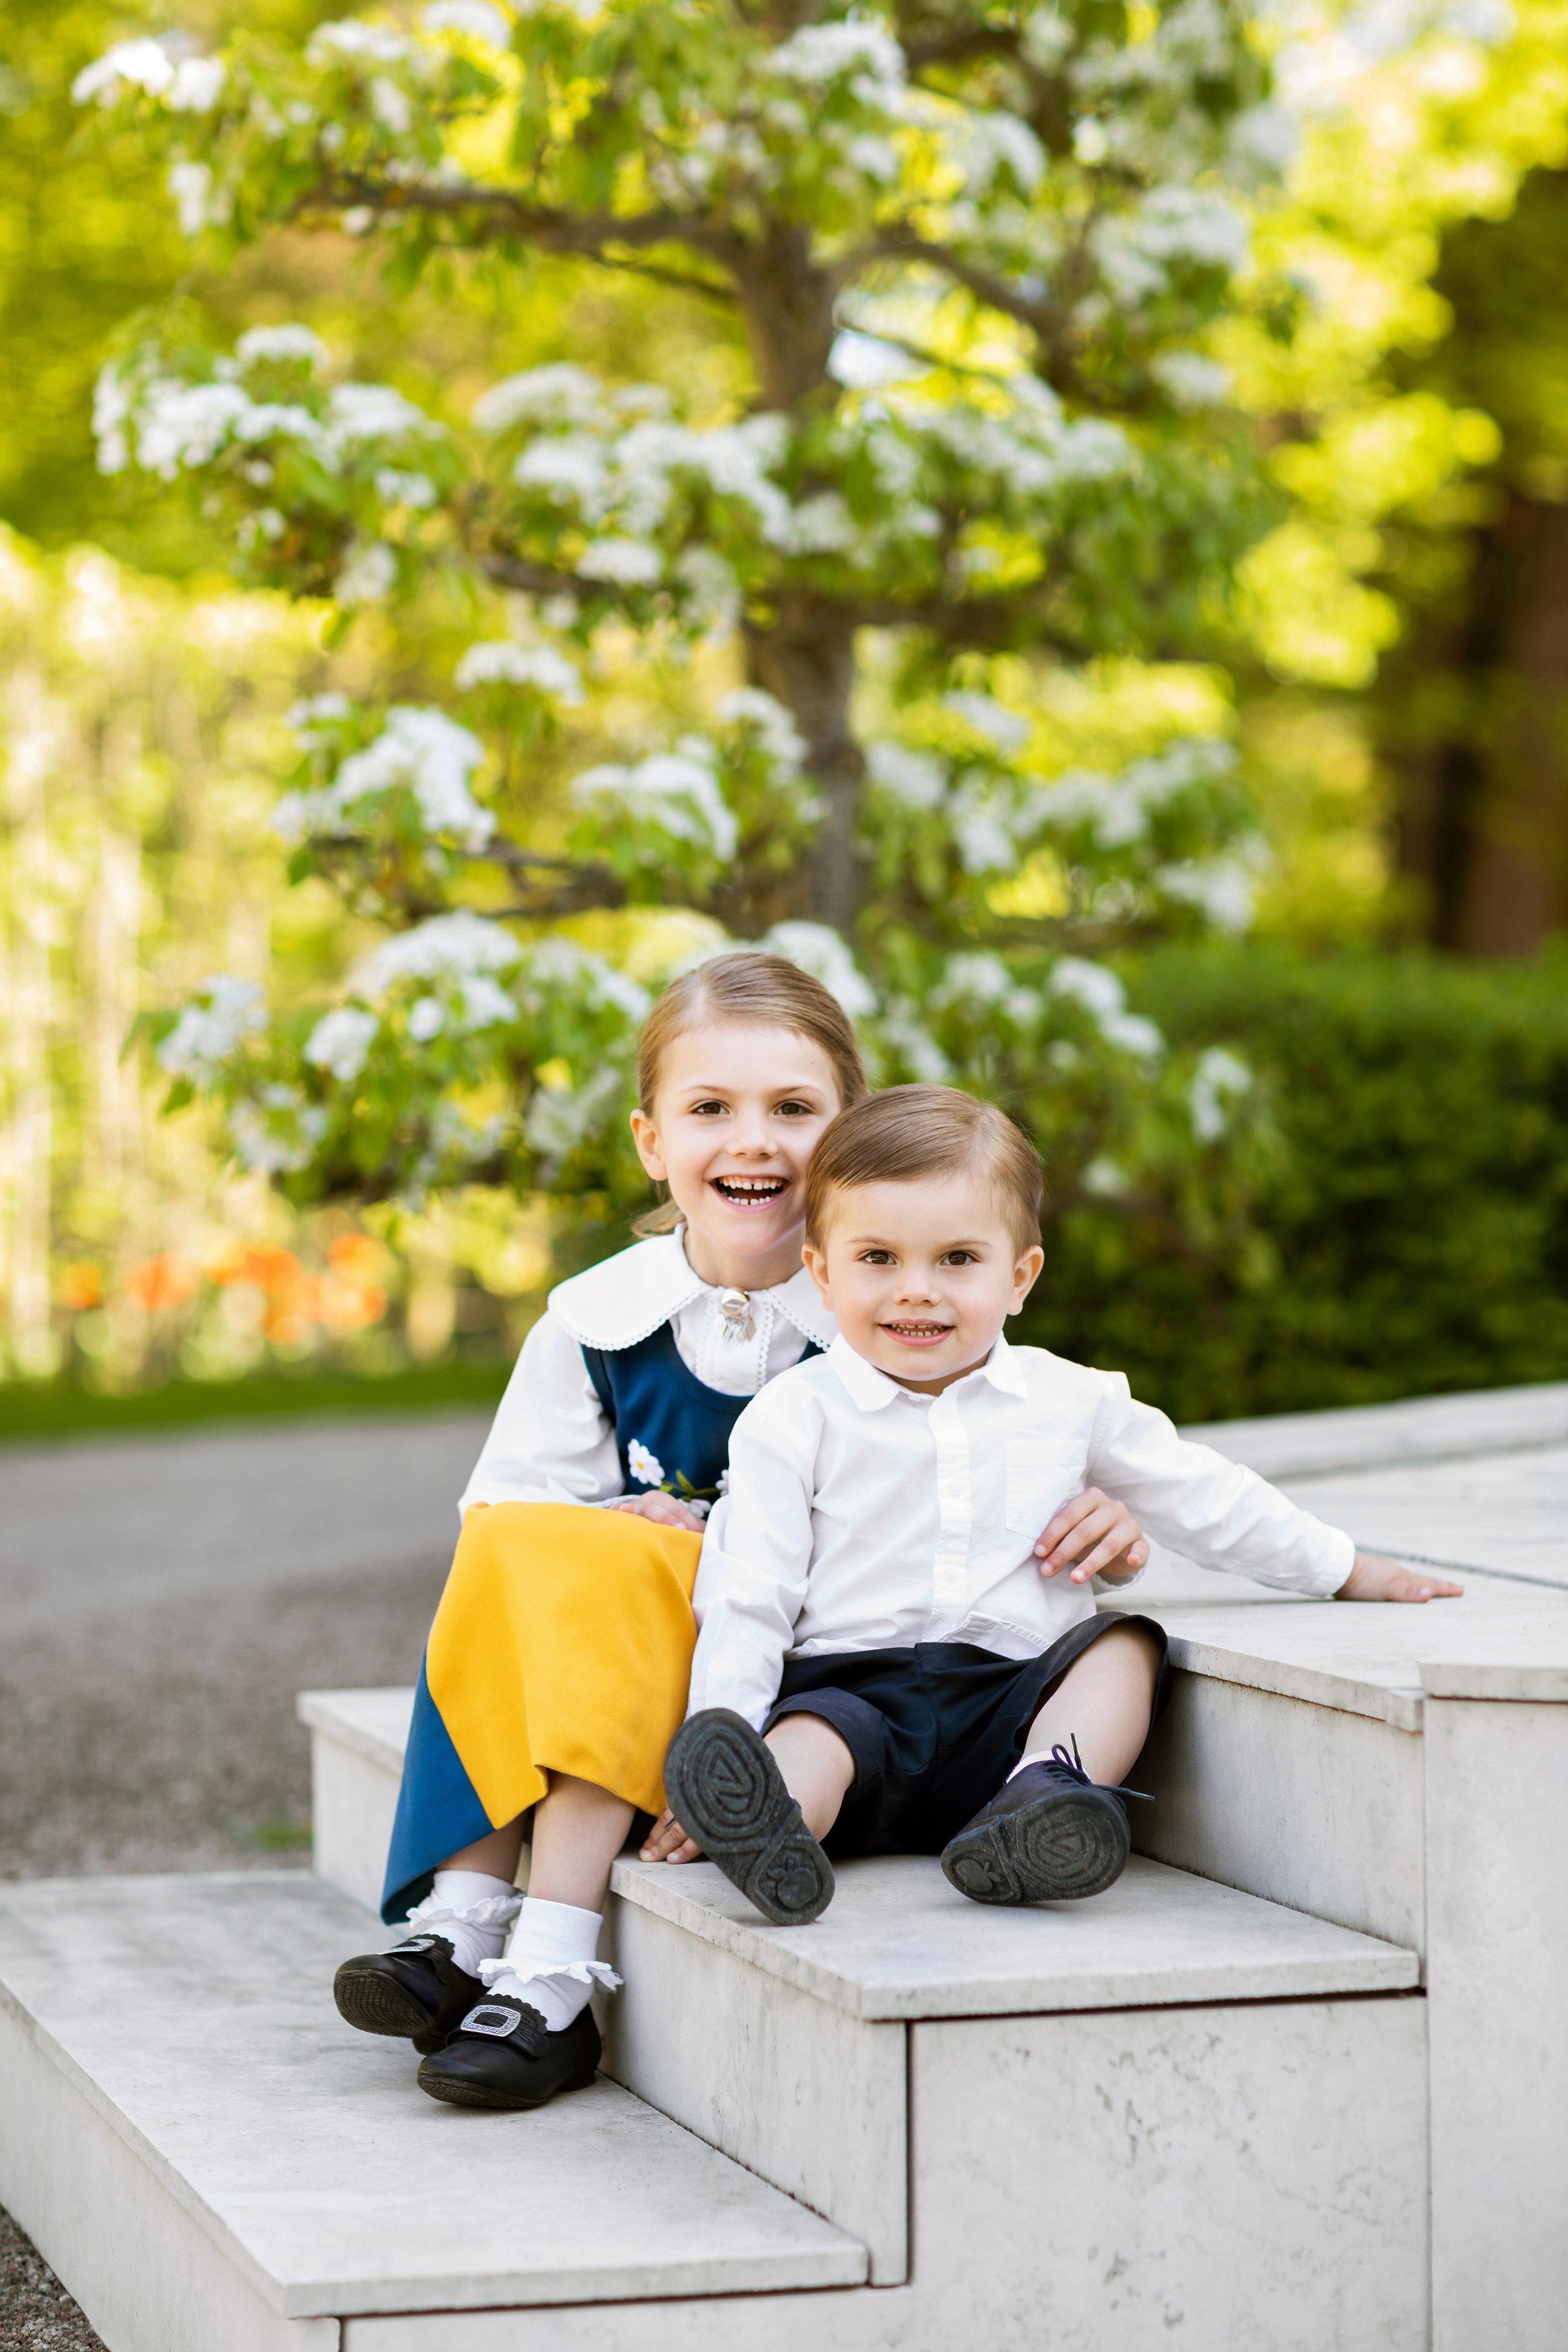 """Estelle legt sanft ihren Arm um ihren Bruder. Da lächelt selbst der kleine """"Grummel""""-Oscar.  ©Linda Broström/Kungahuset.se"""